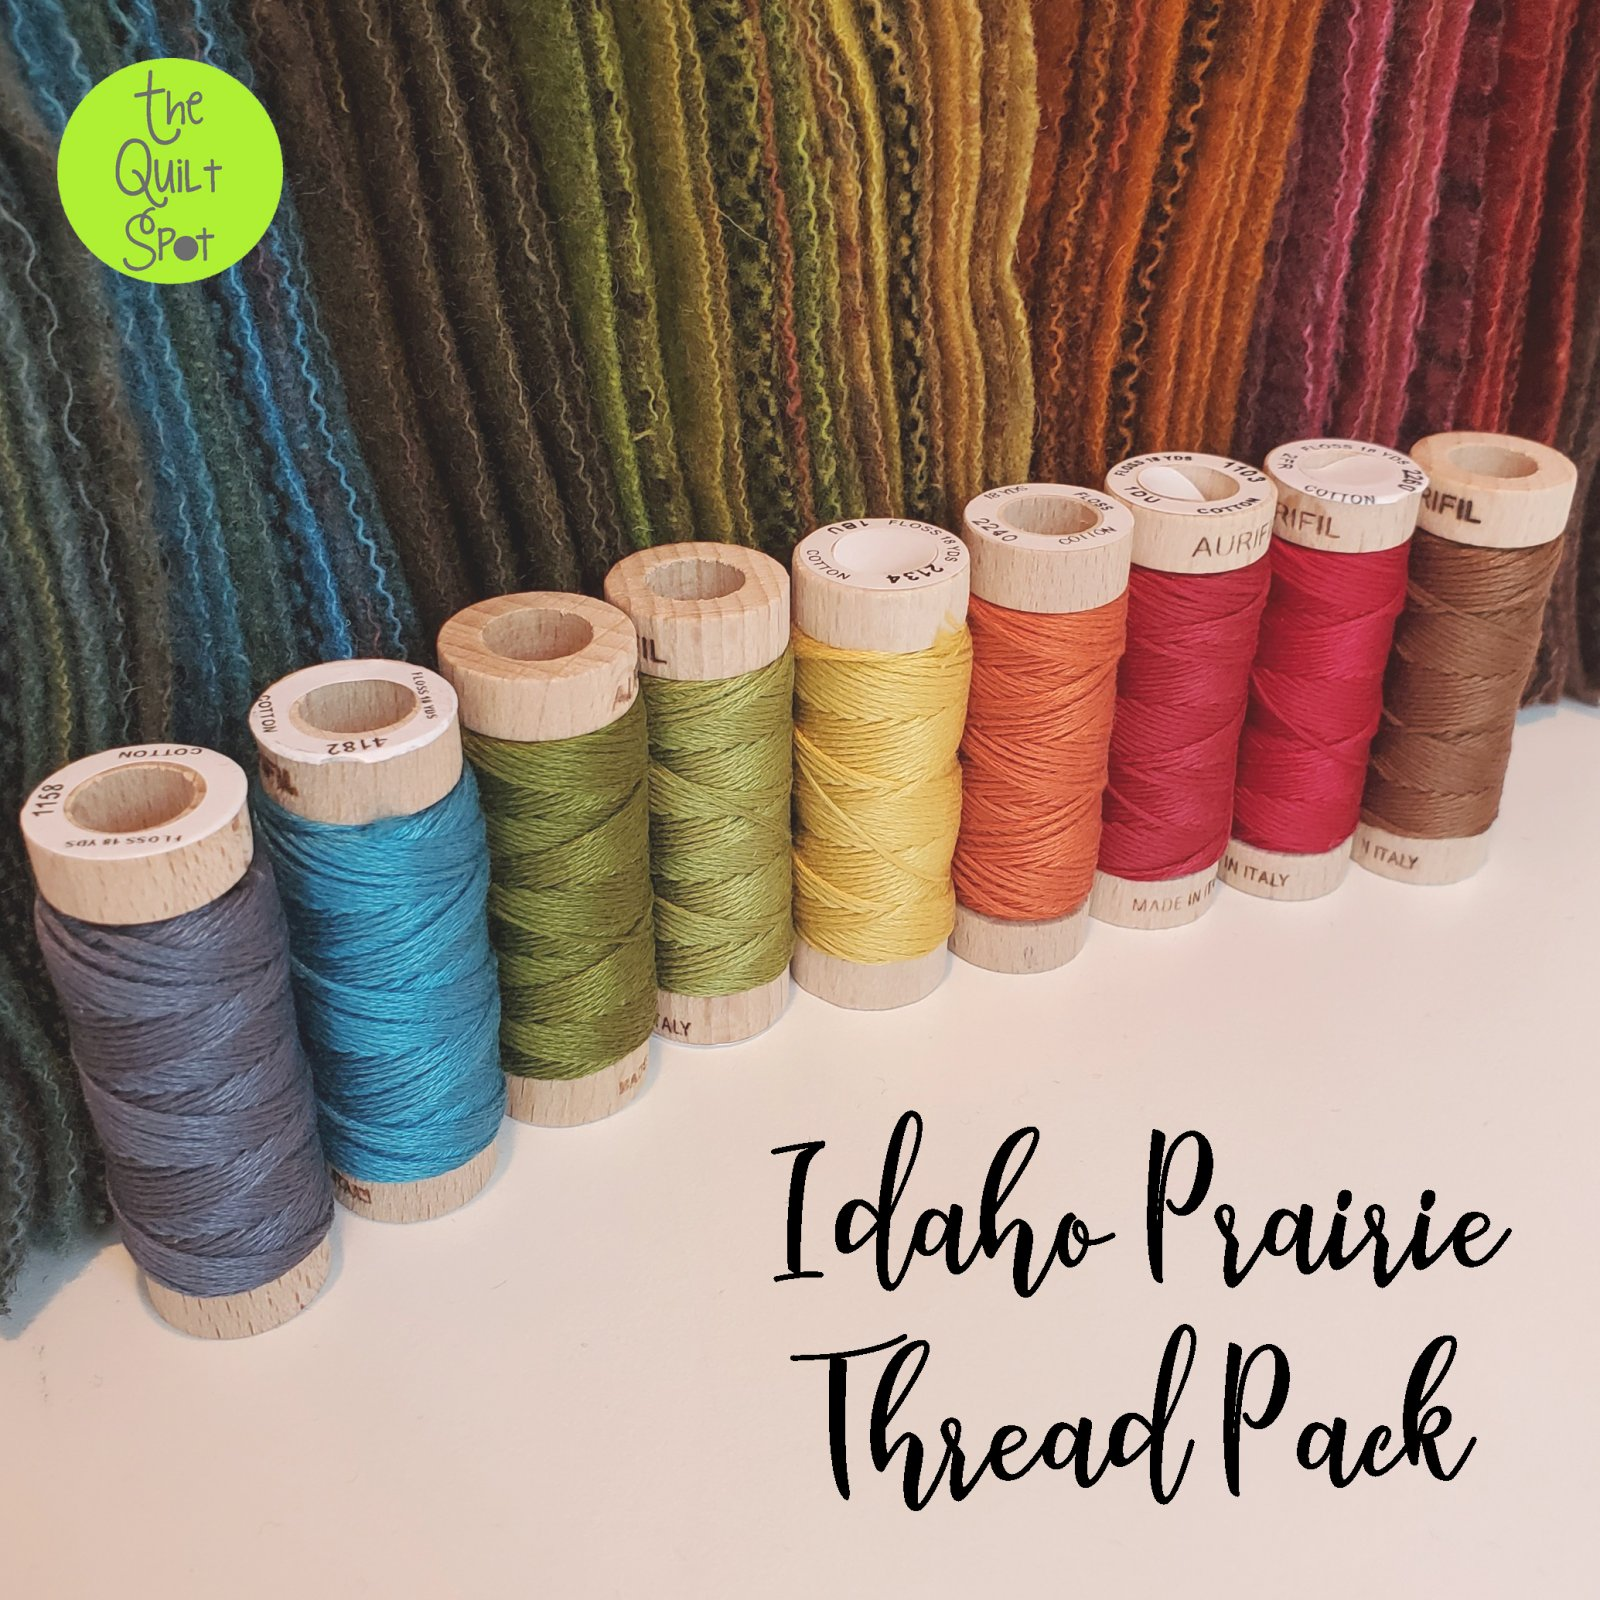 Idaho Prairie Thread Pack